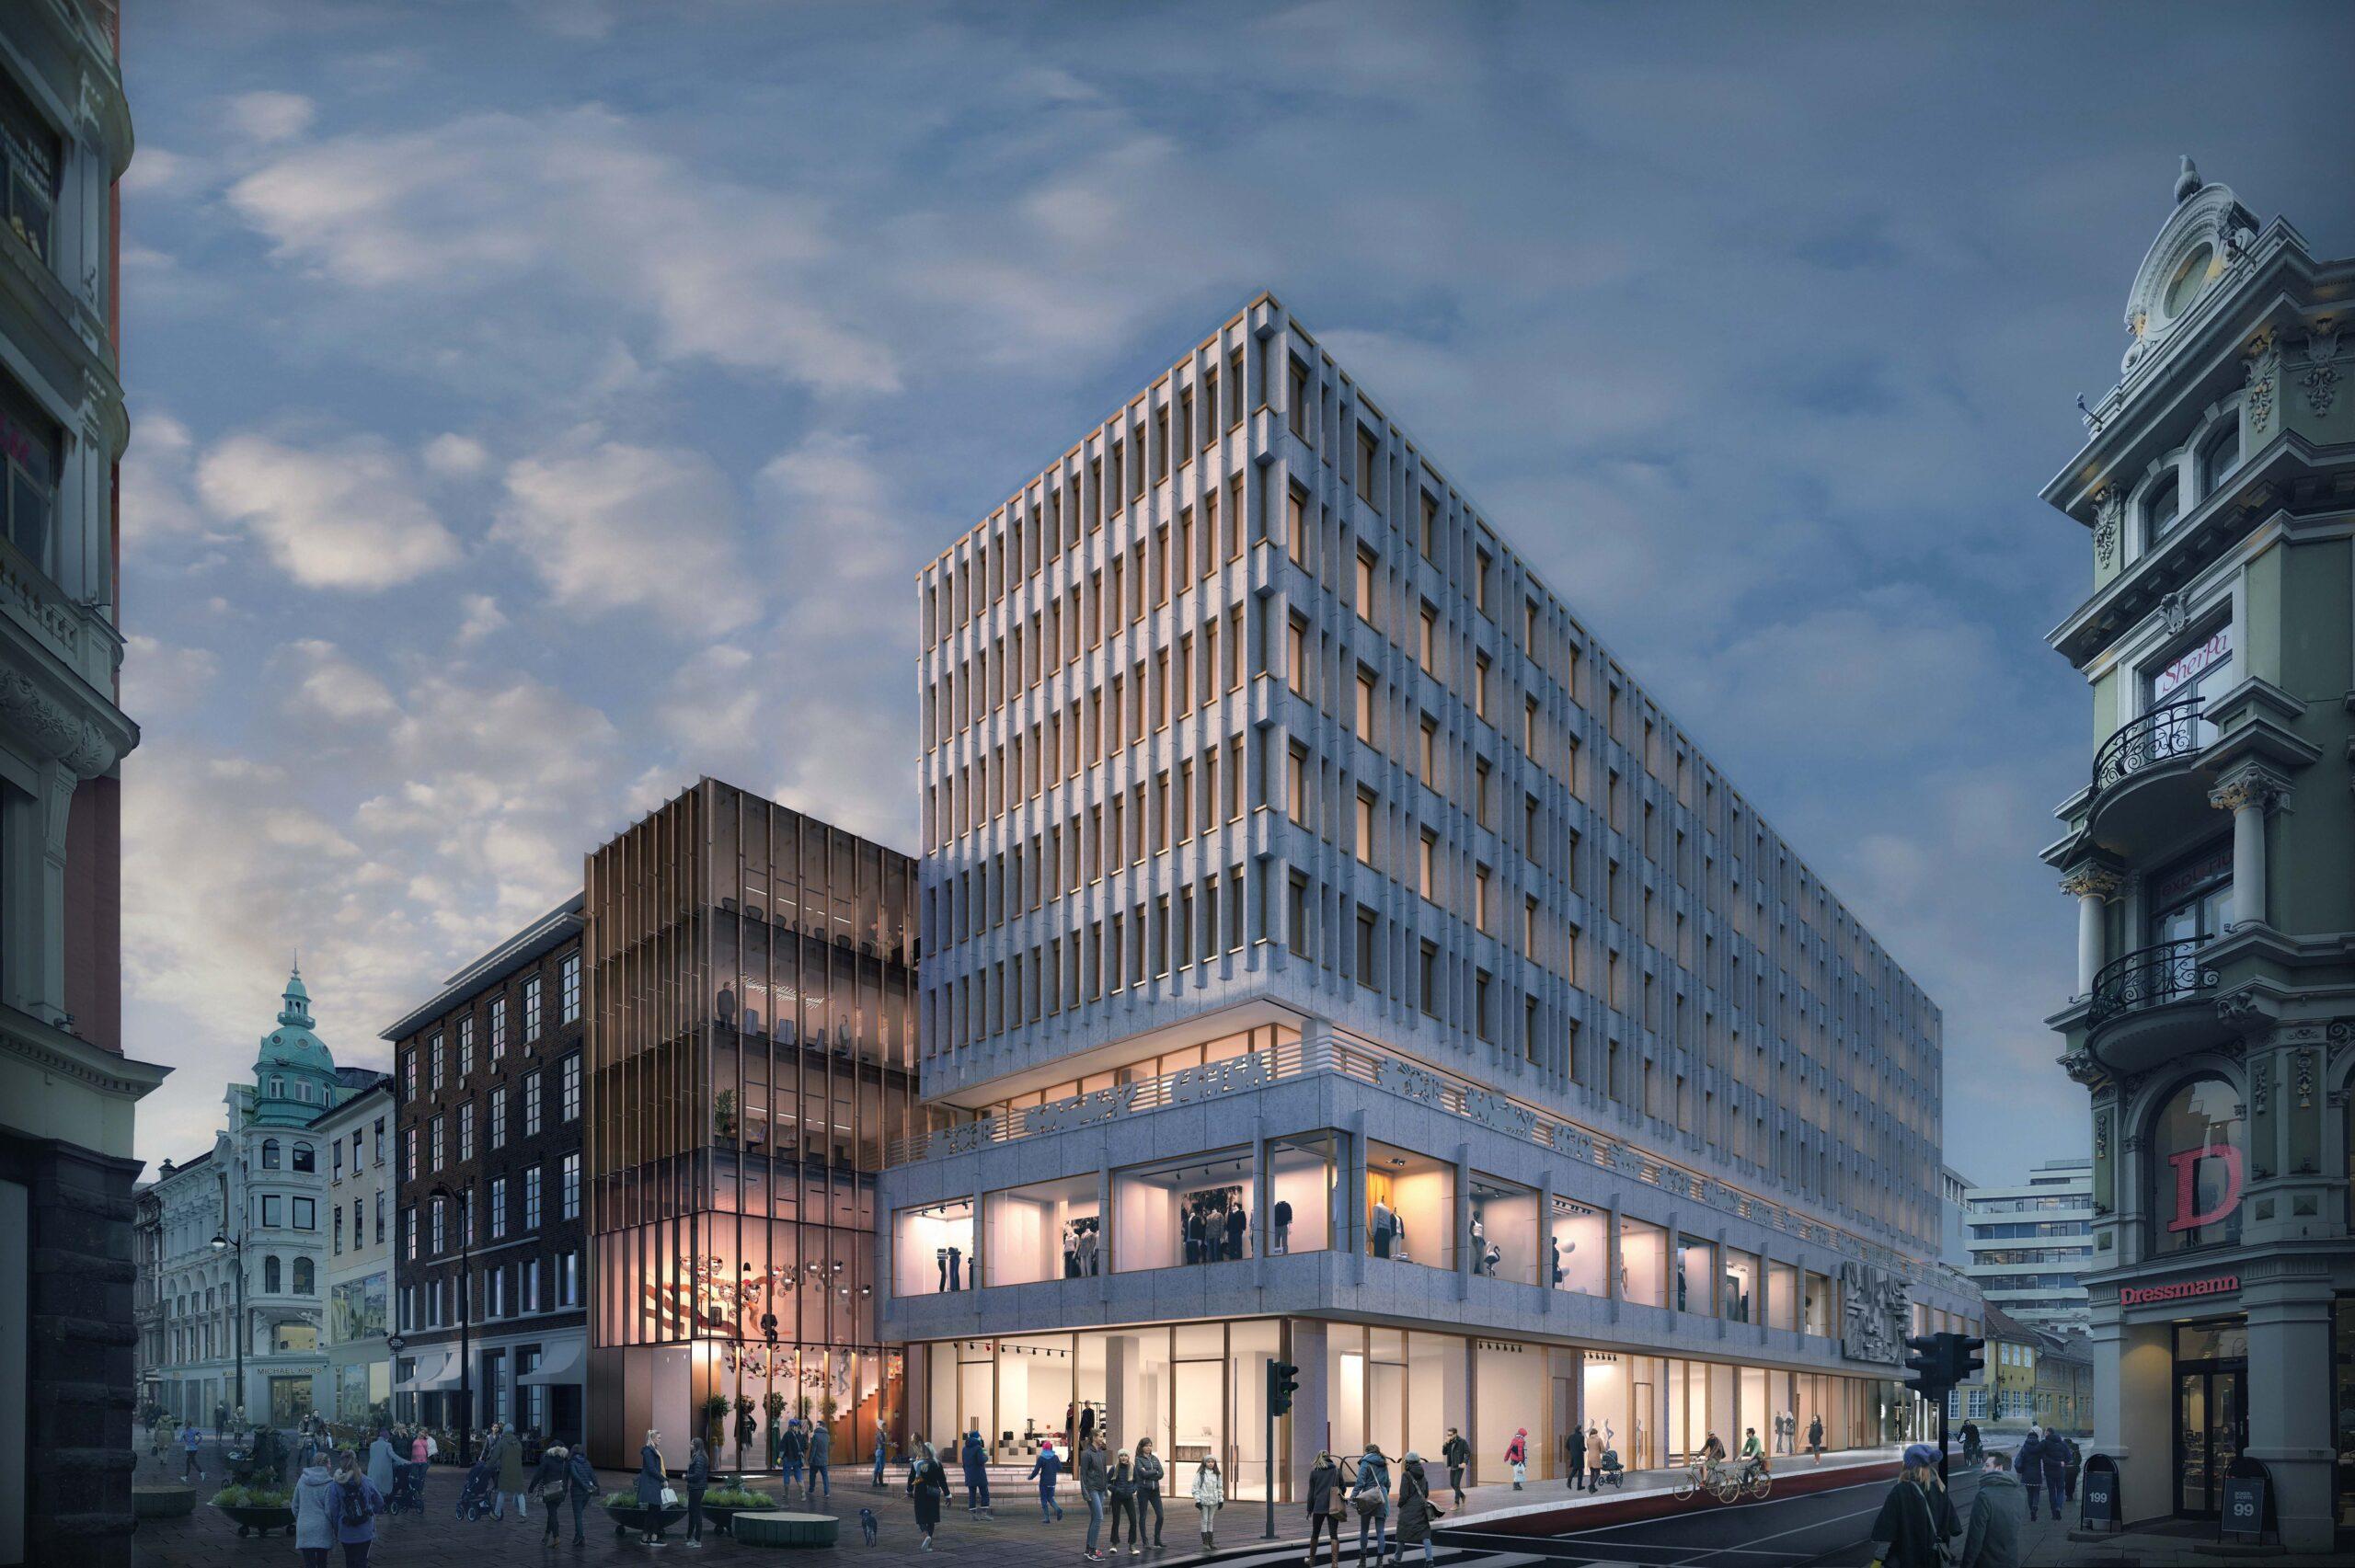 Rejlers ska säkra smarta lösningar på Stortorvet 7 i Oslo